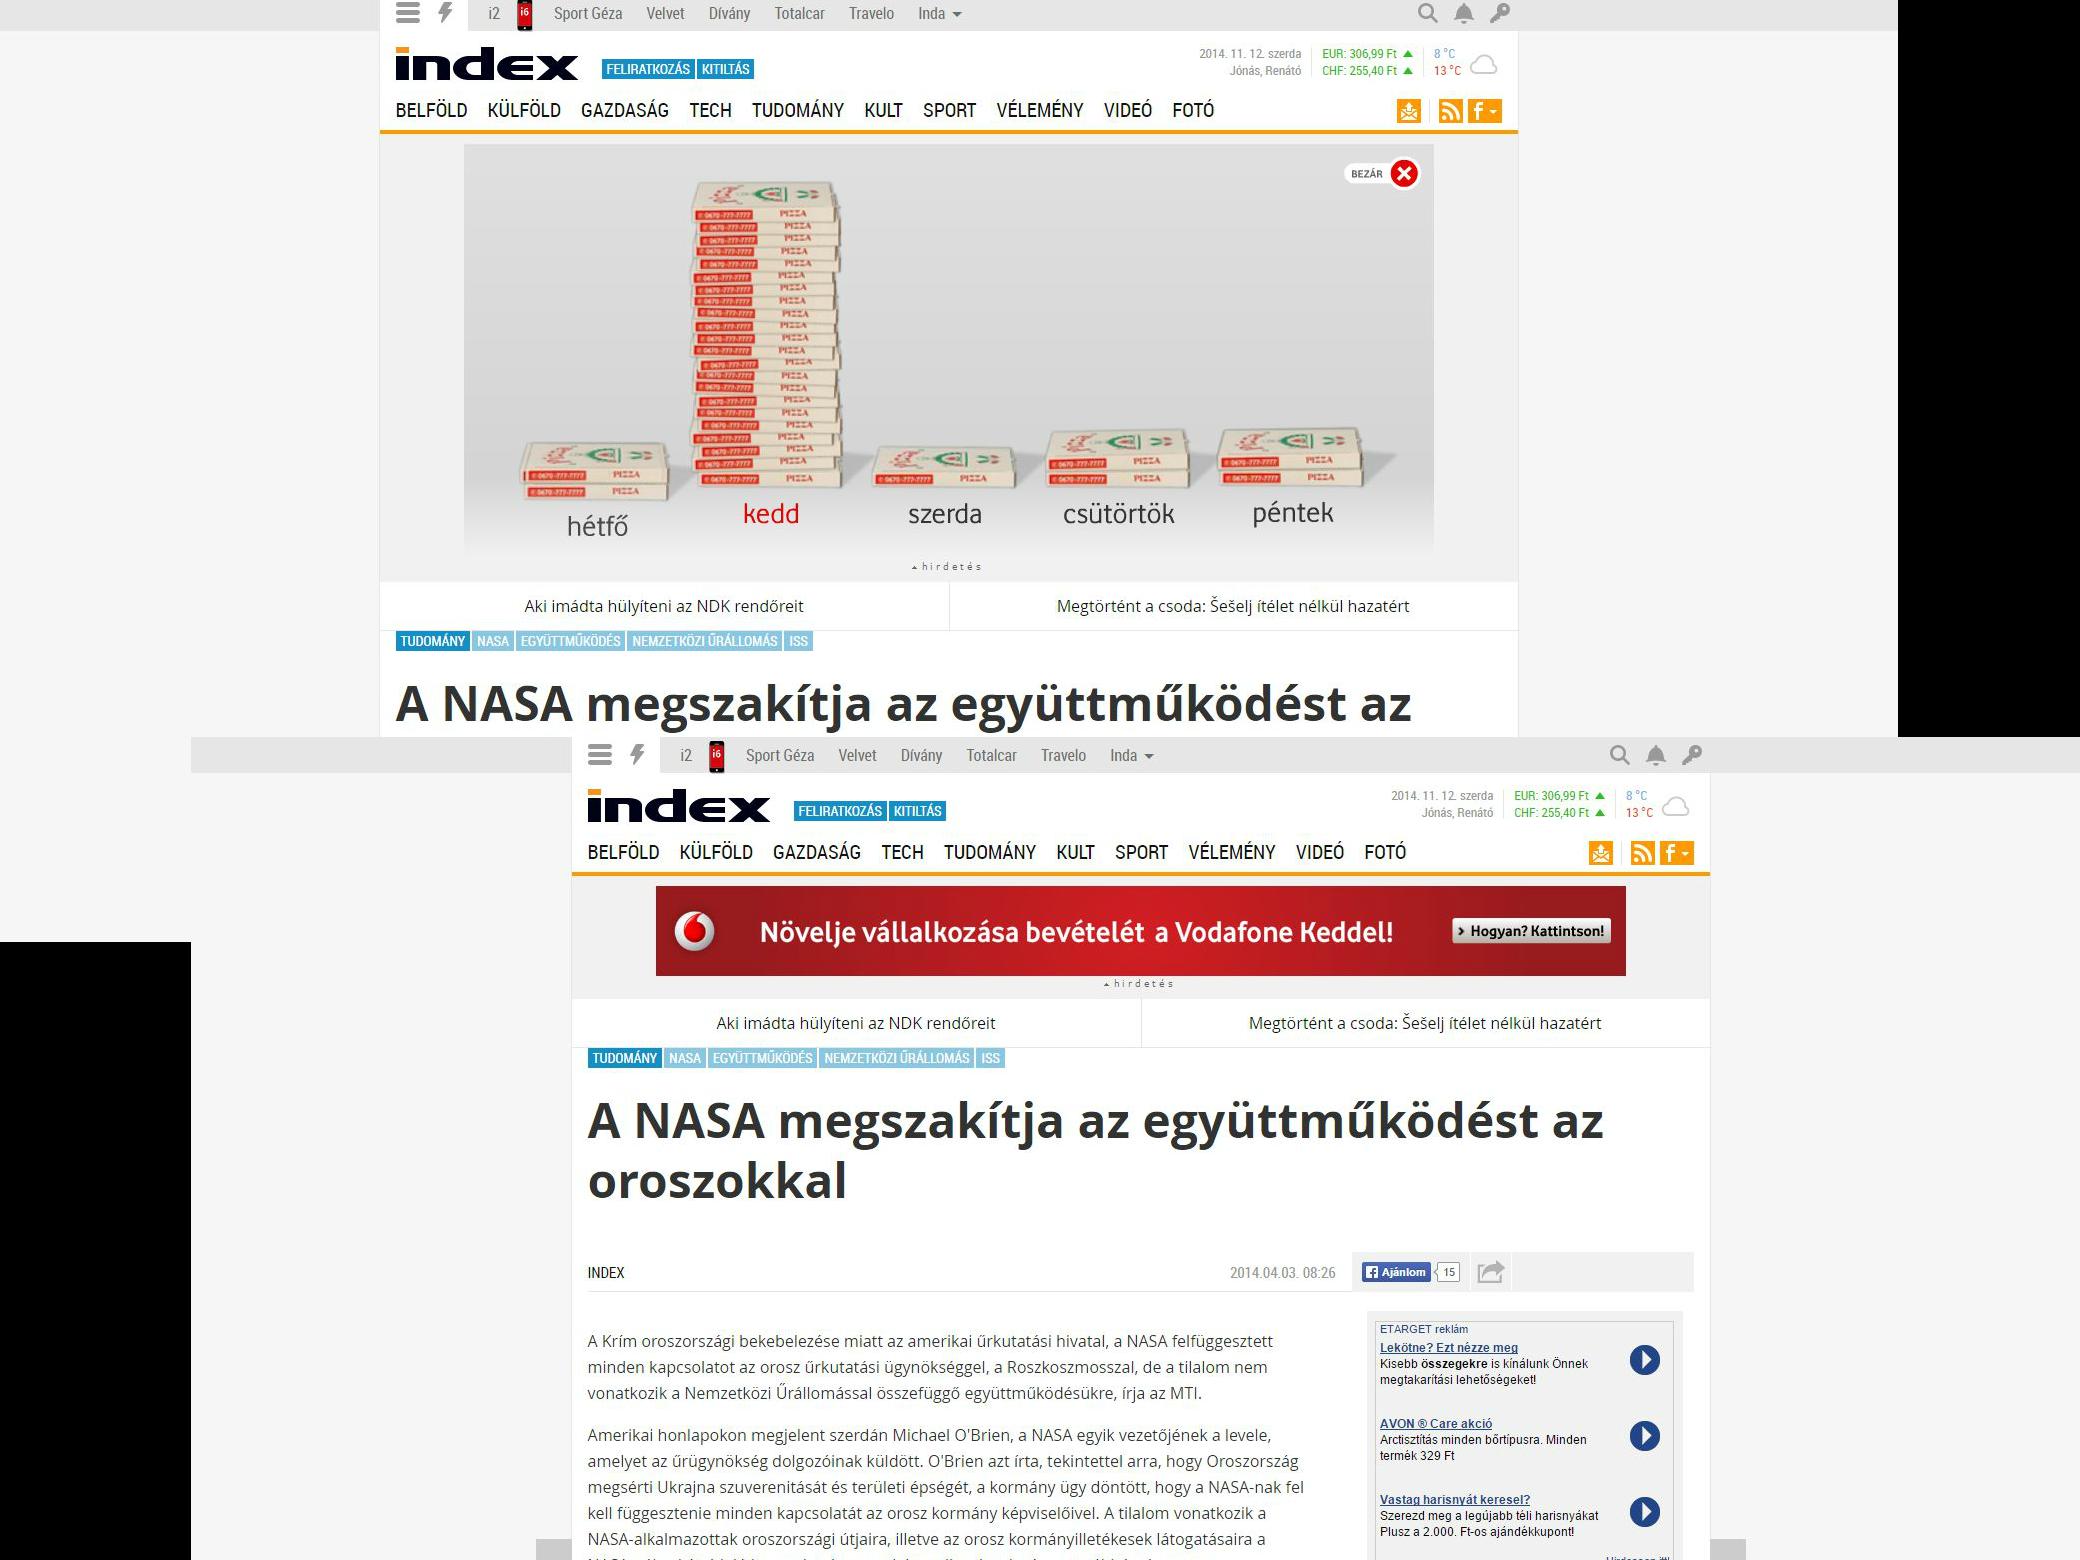 Index_Tudomany_Pushdown_nyitva_zarva_Vodafone_2014.png